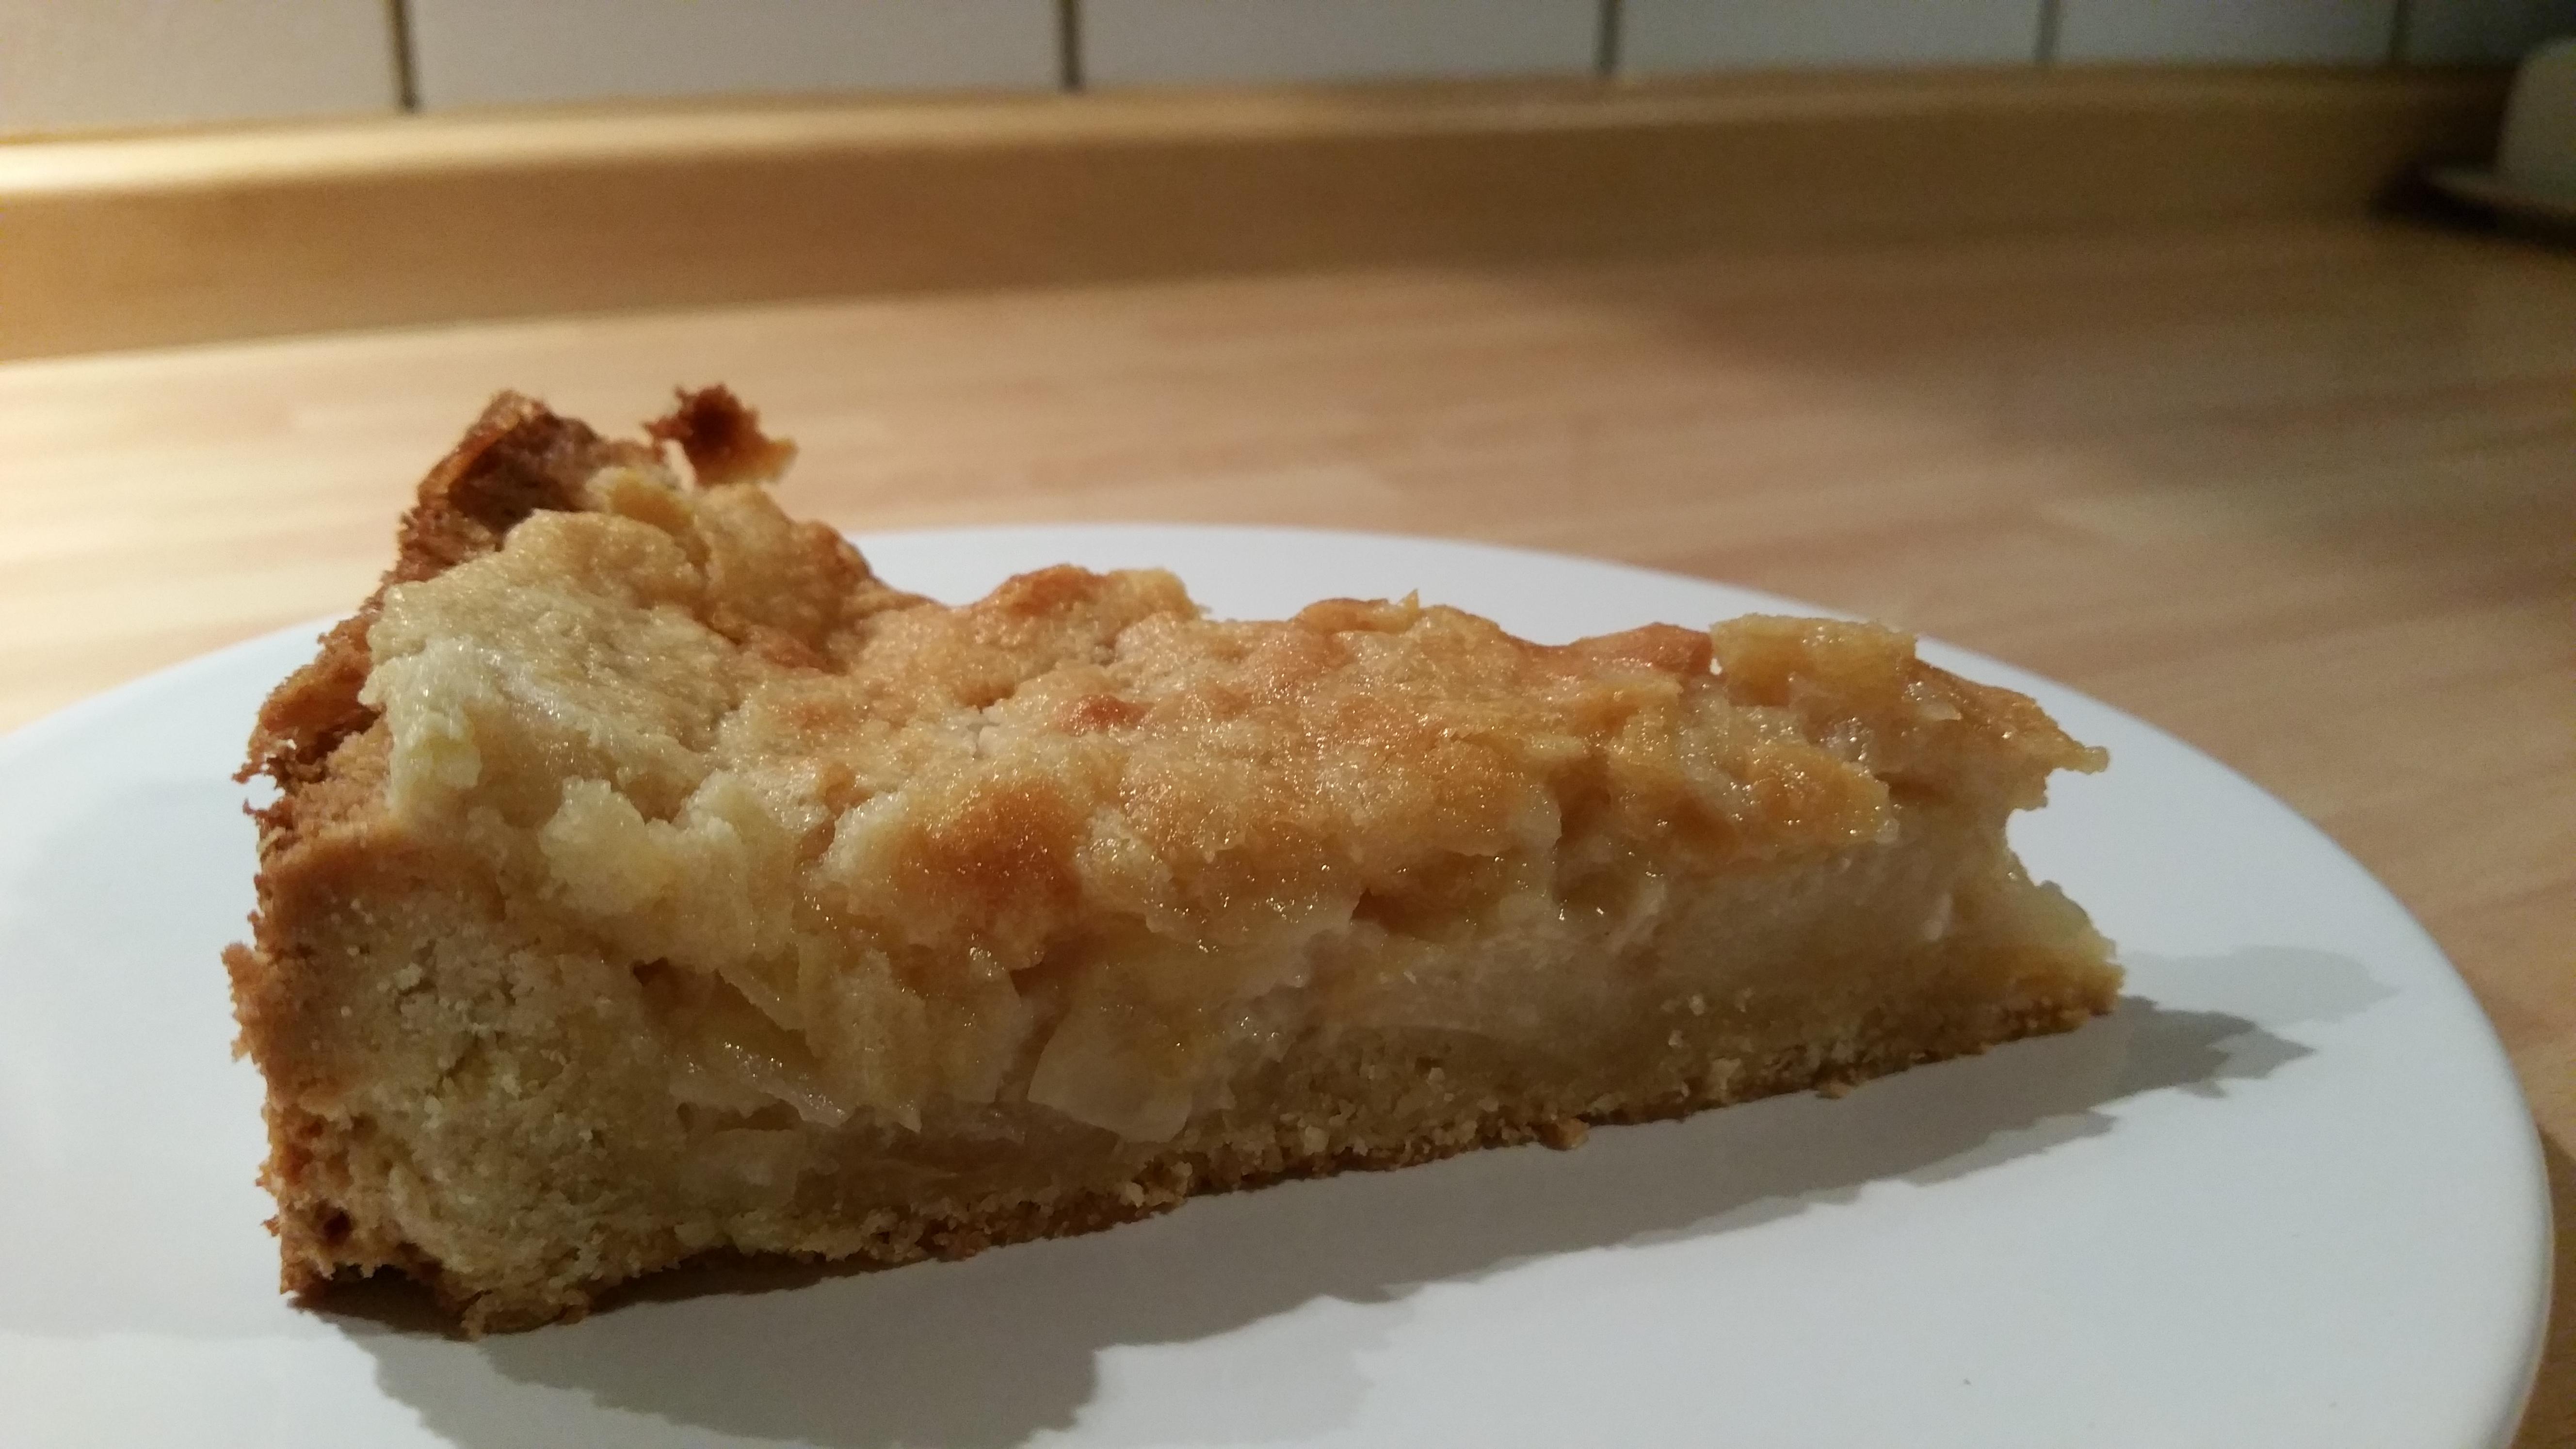 Apfel Marzipan Kuchen 16 Stucke Vegan Und Munter